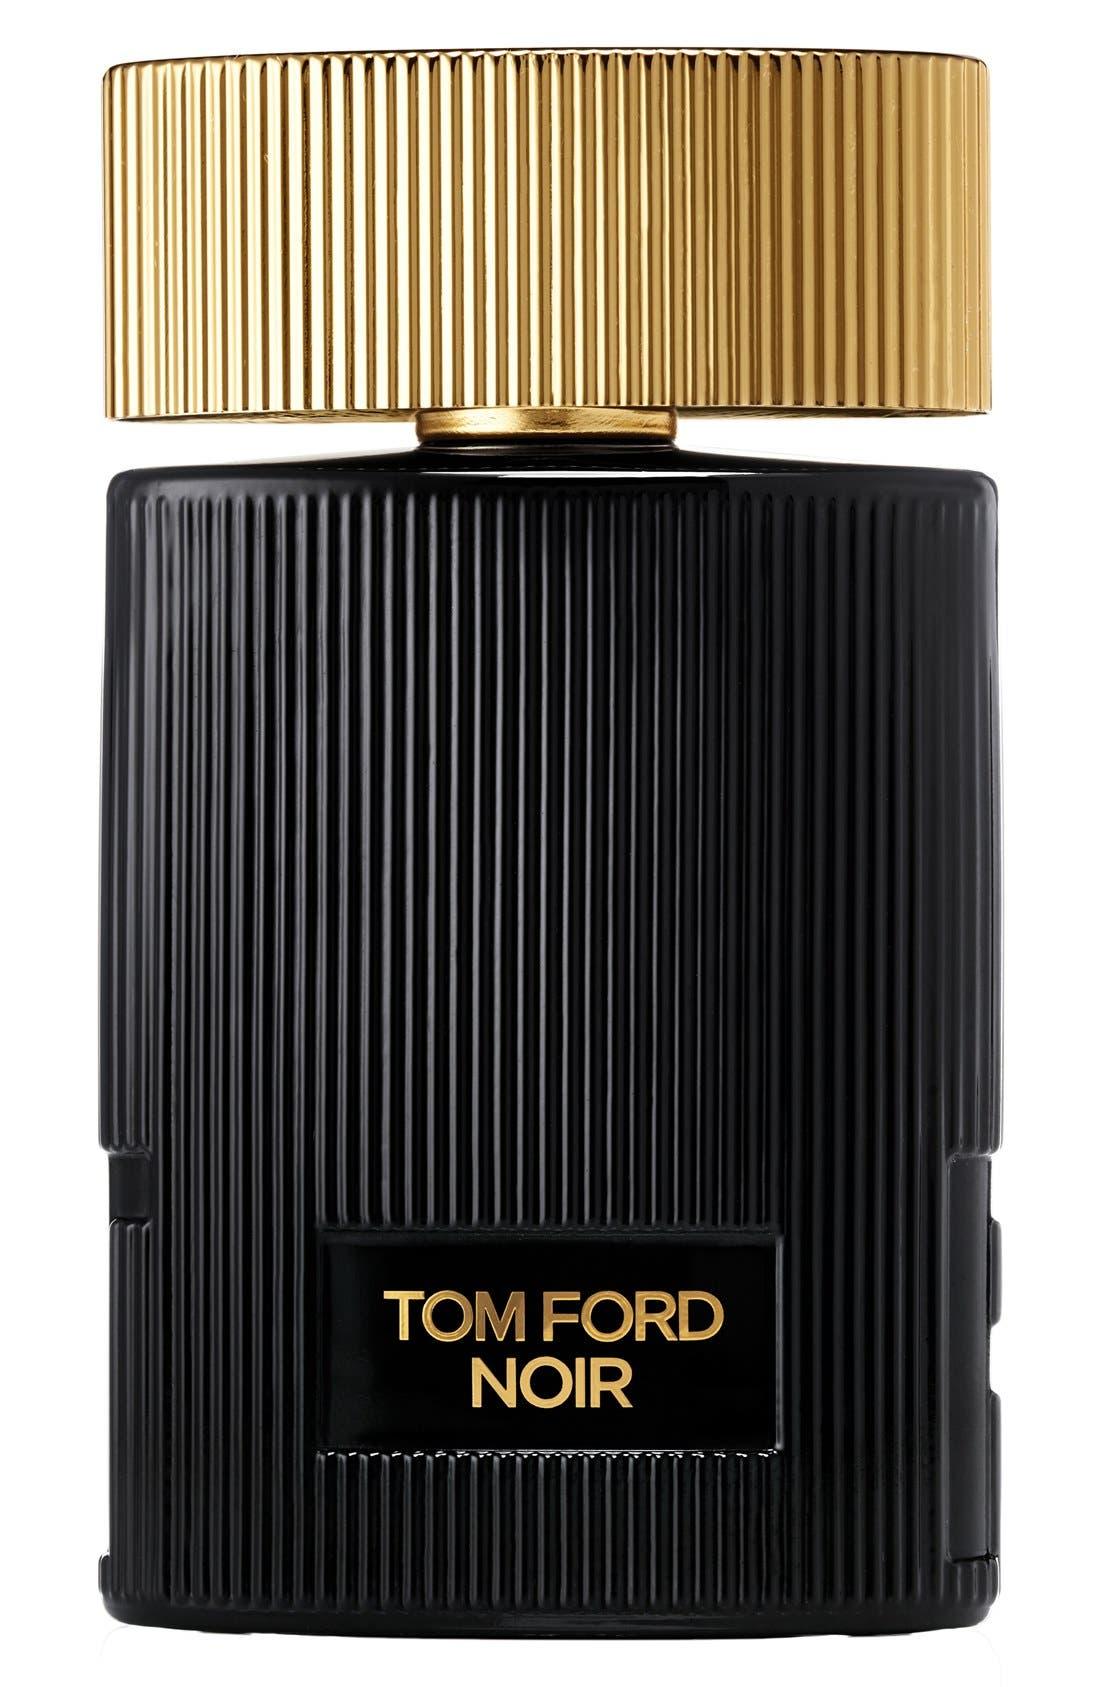 TOM FORD, Noir Pour Femme Eau de Parfum, Alternate thumbnail 2, color, NO COLOR